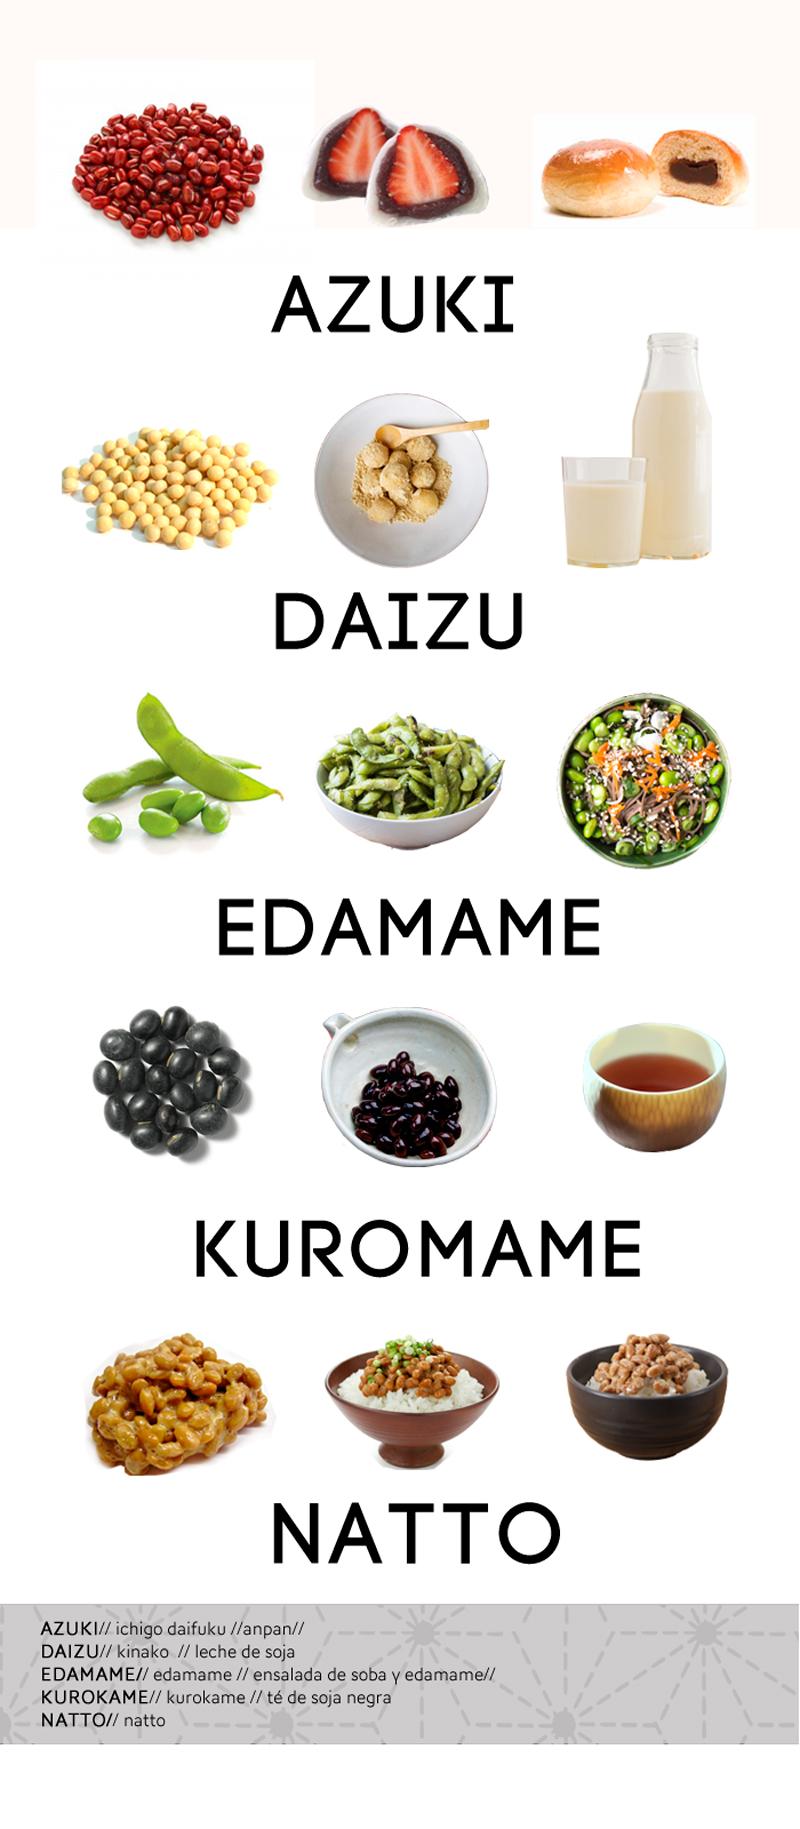 variedades de judías japonesas